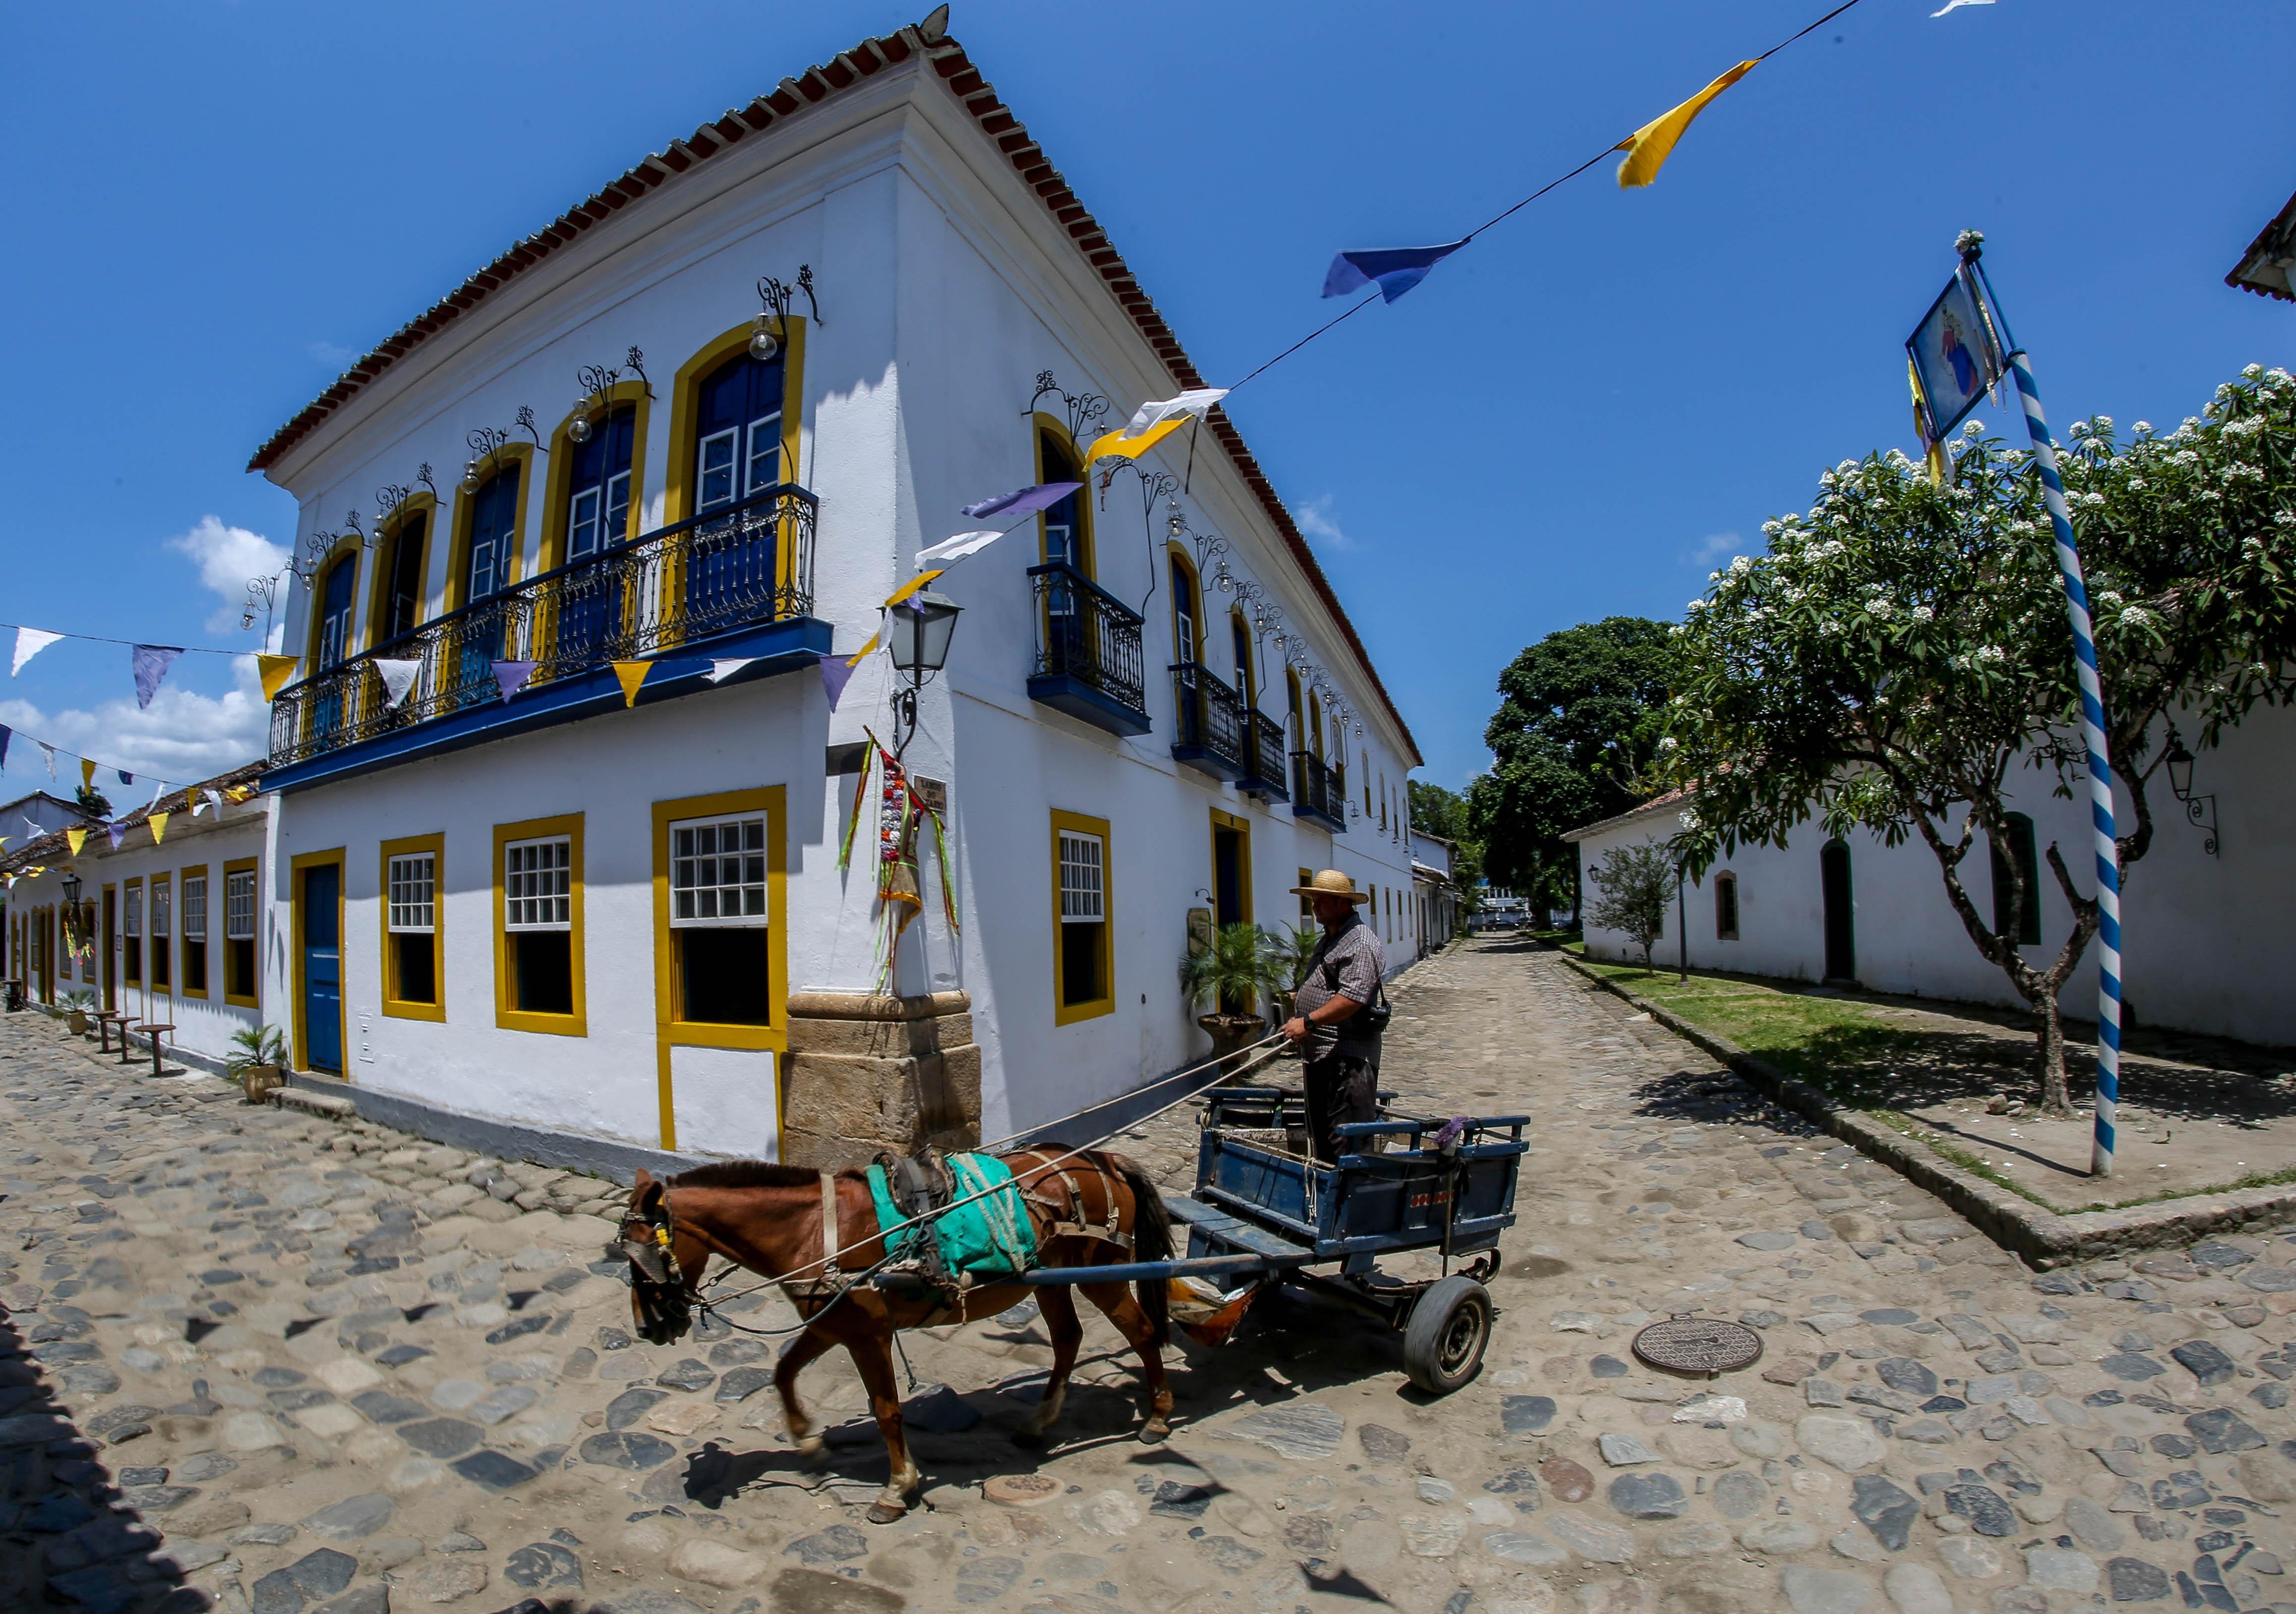 Las Calles de Paraty - Brasil